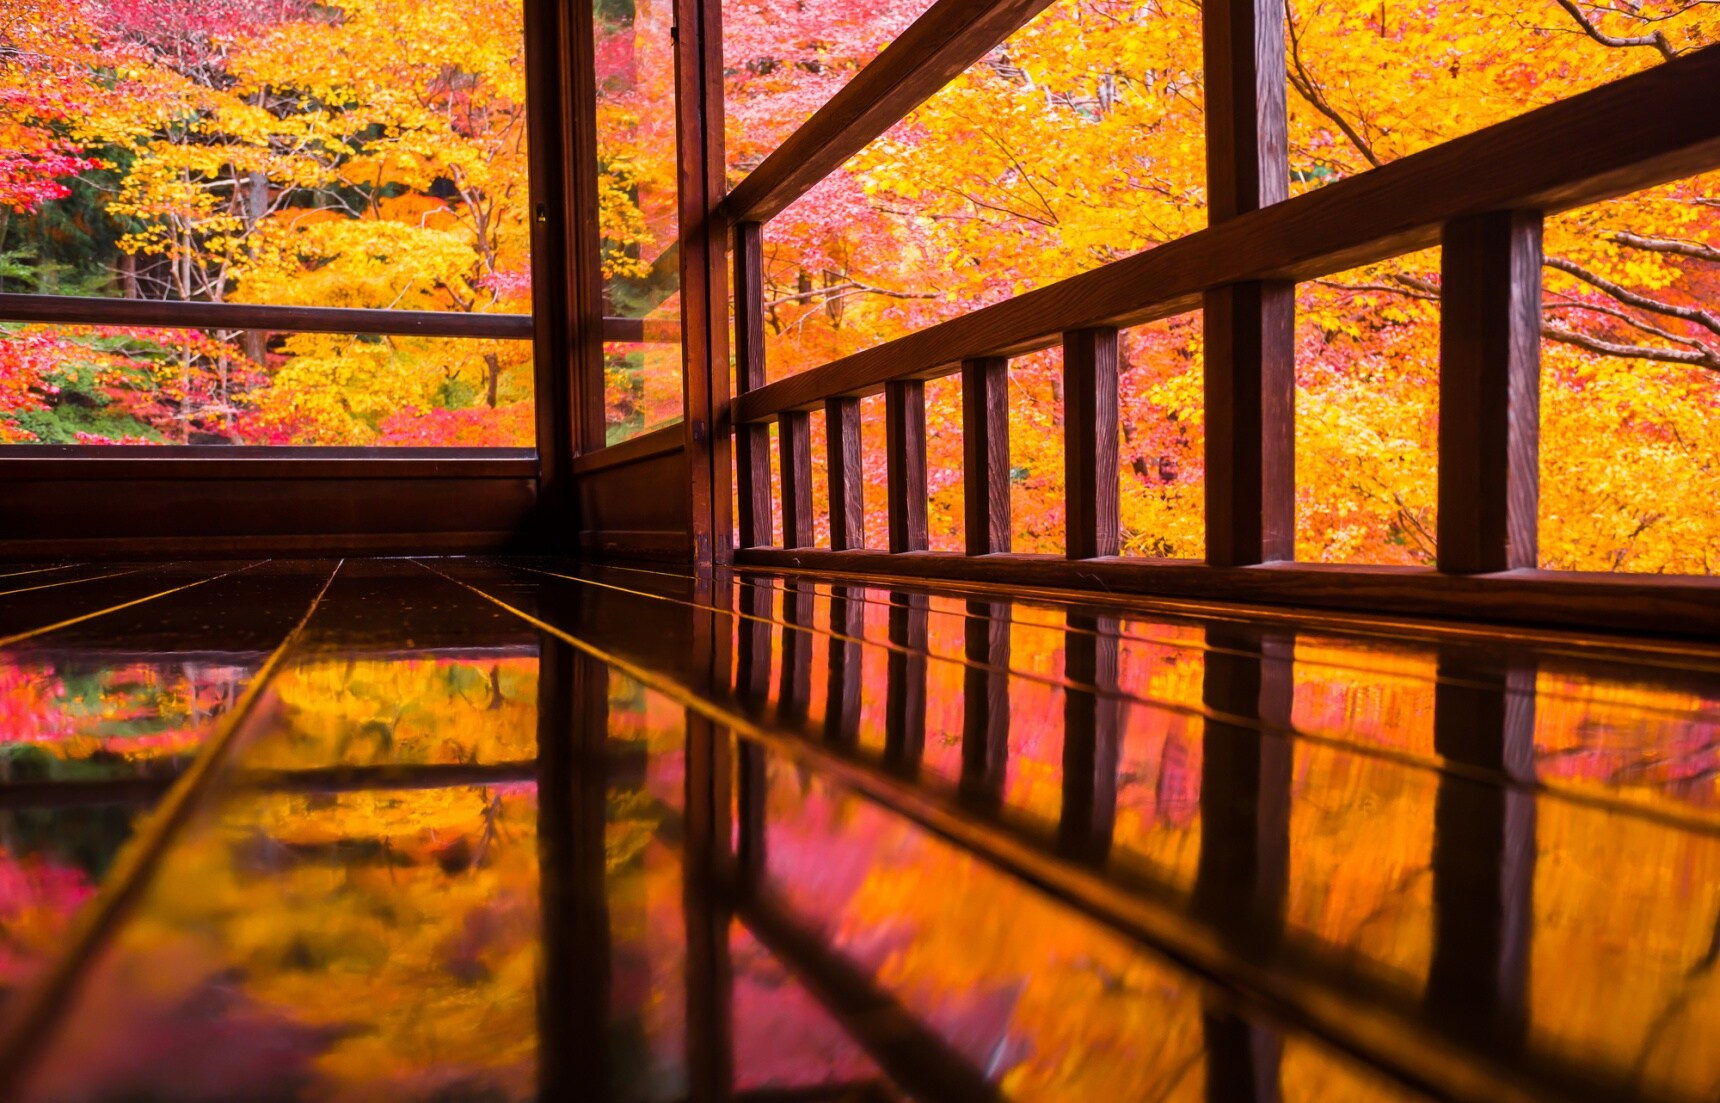 【京都賞楓】漫步瑠璃光院,目睹你從未見過的絕美紅葉美景